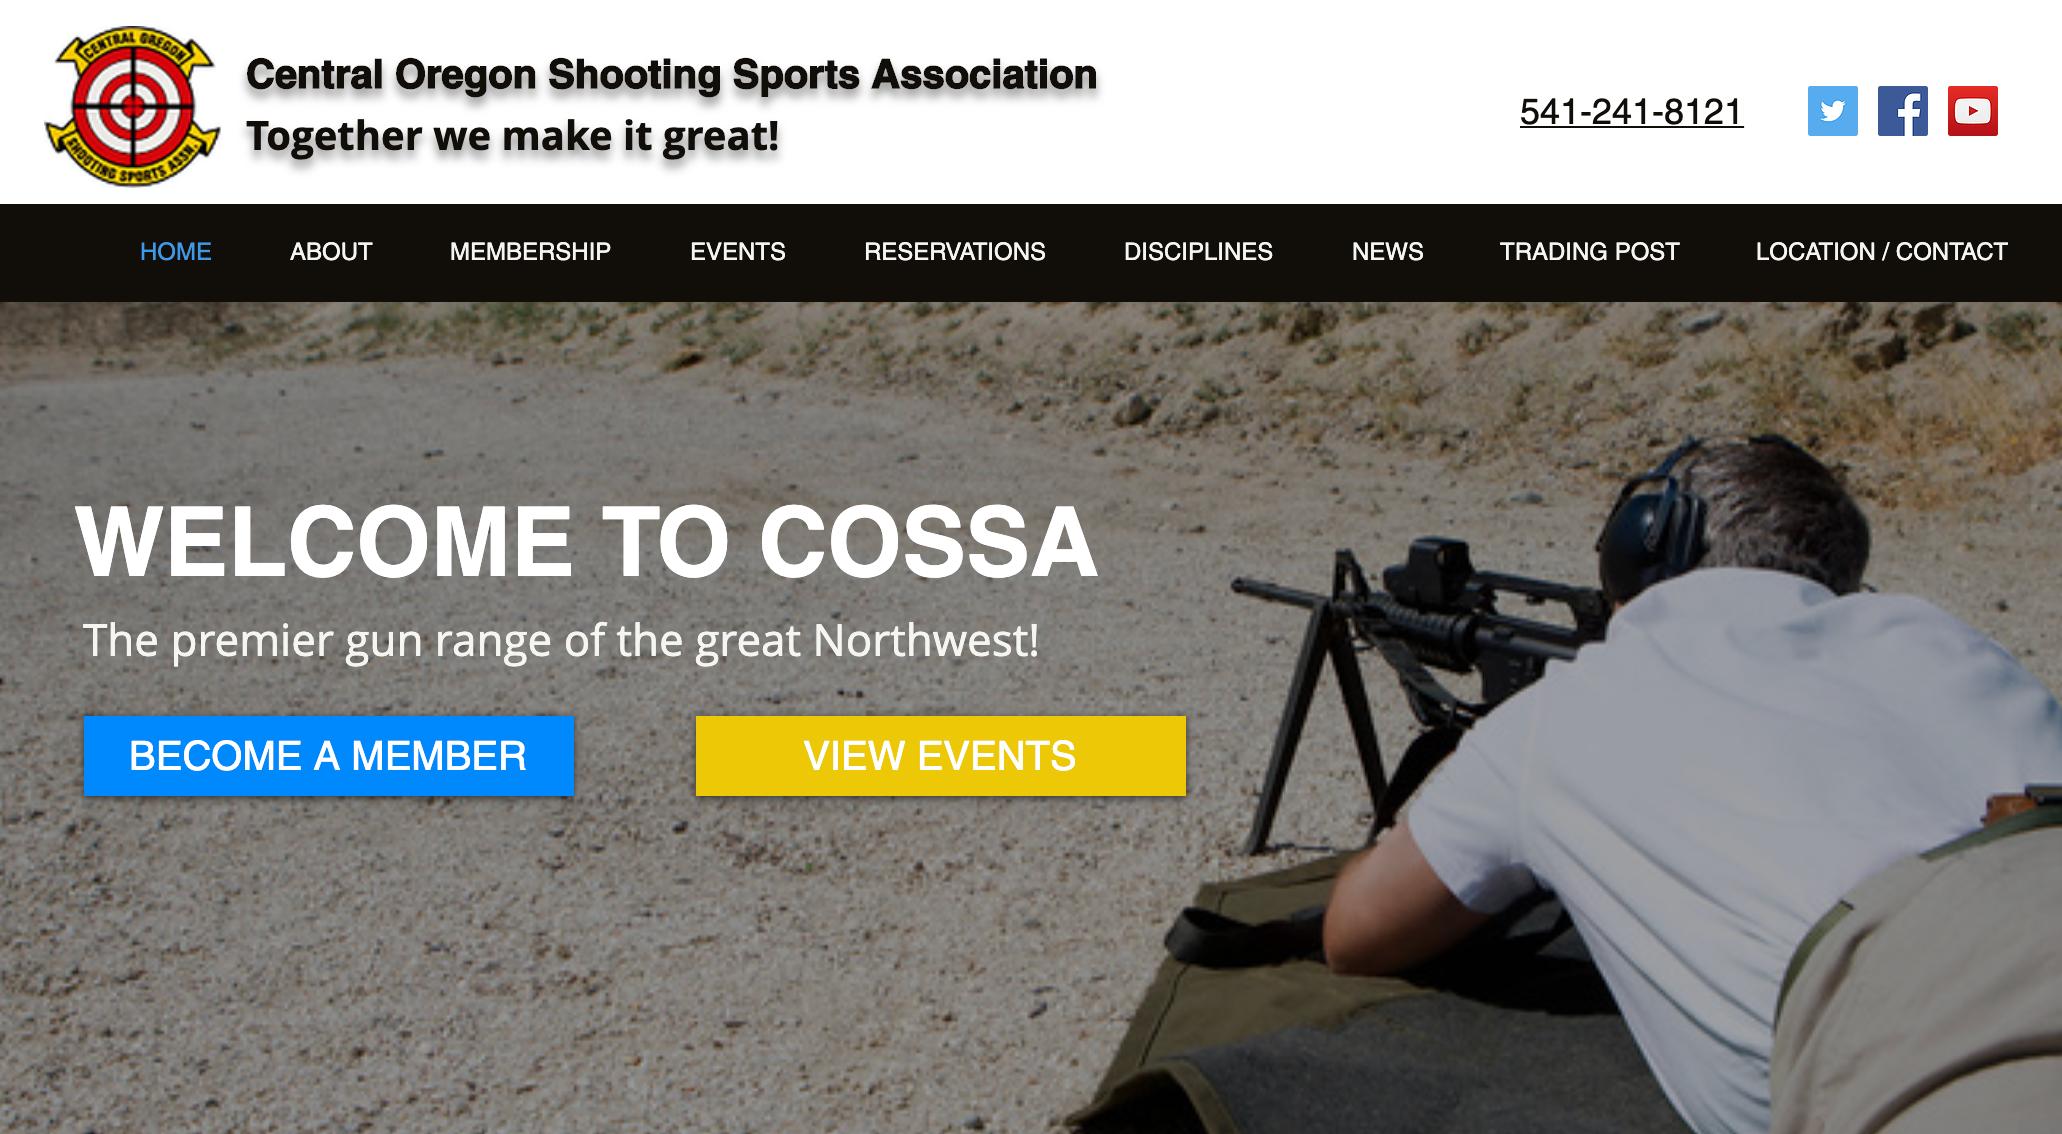 www.cossapark.com